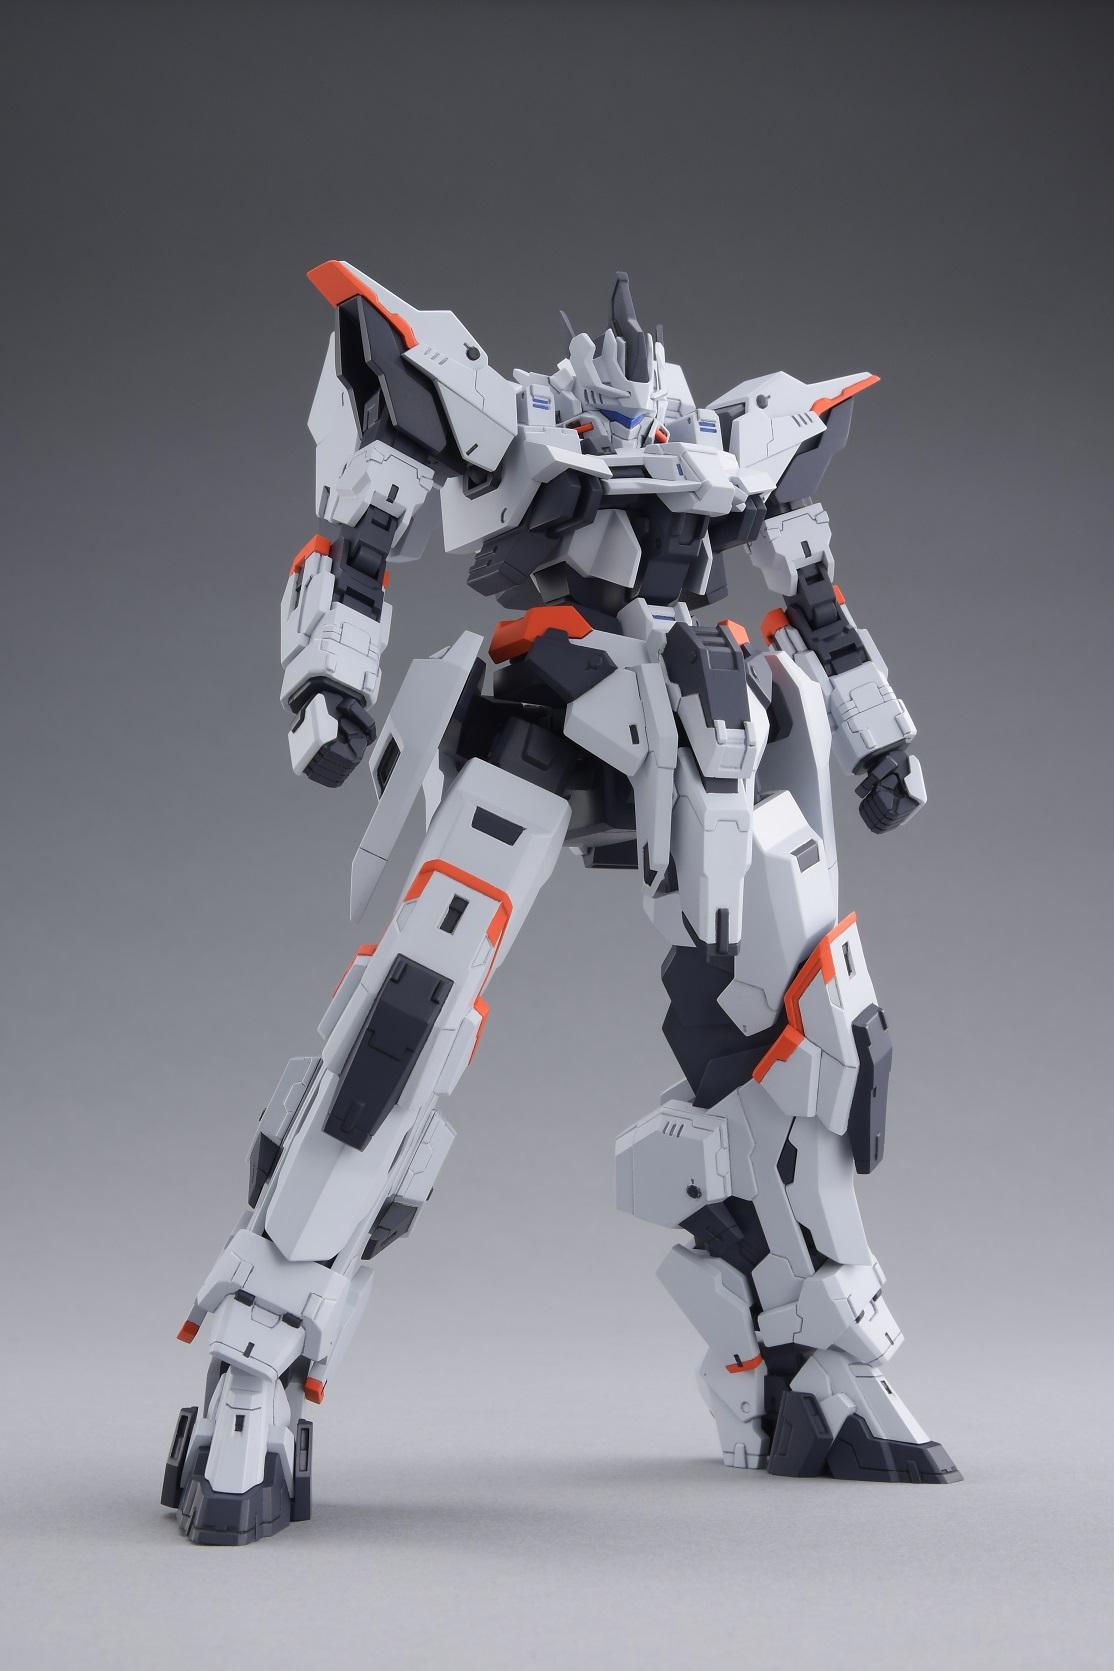 1/144スケール レジンキット VAX-00 ヴァルライン・ゼロ 3Dマスターワークスモデル【同梱種別A】